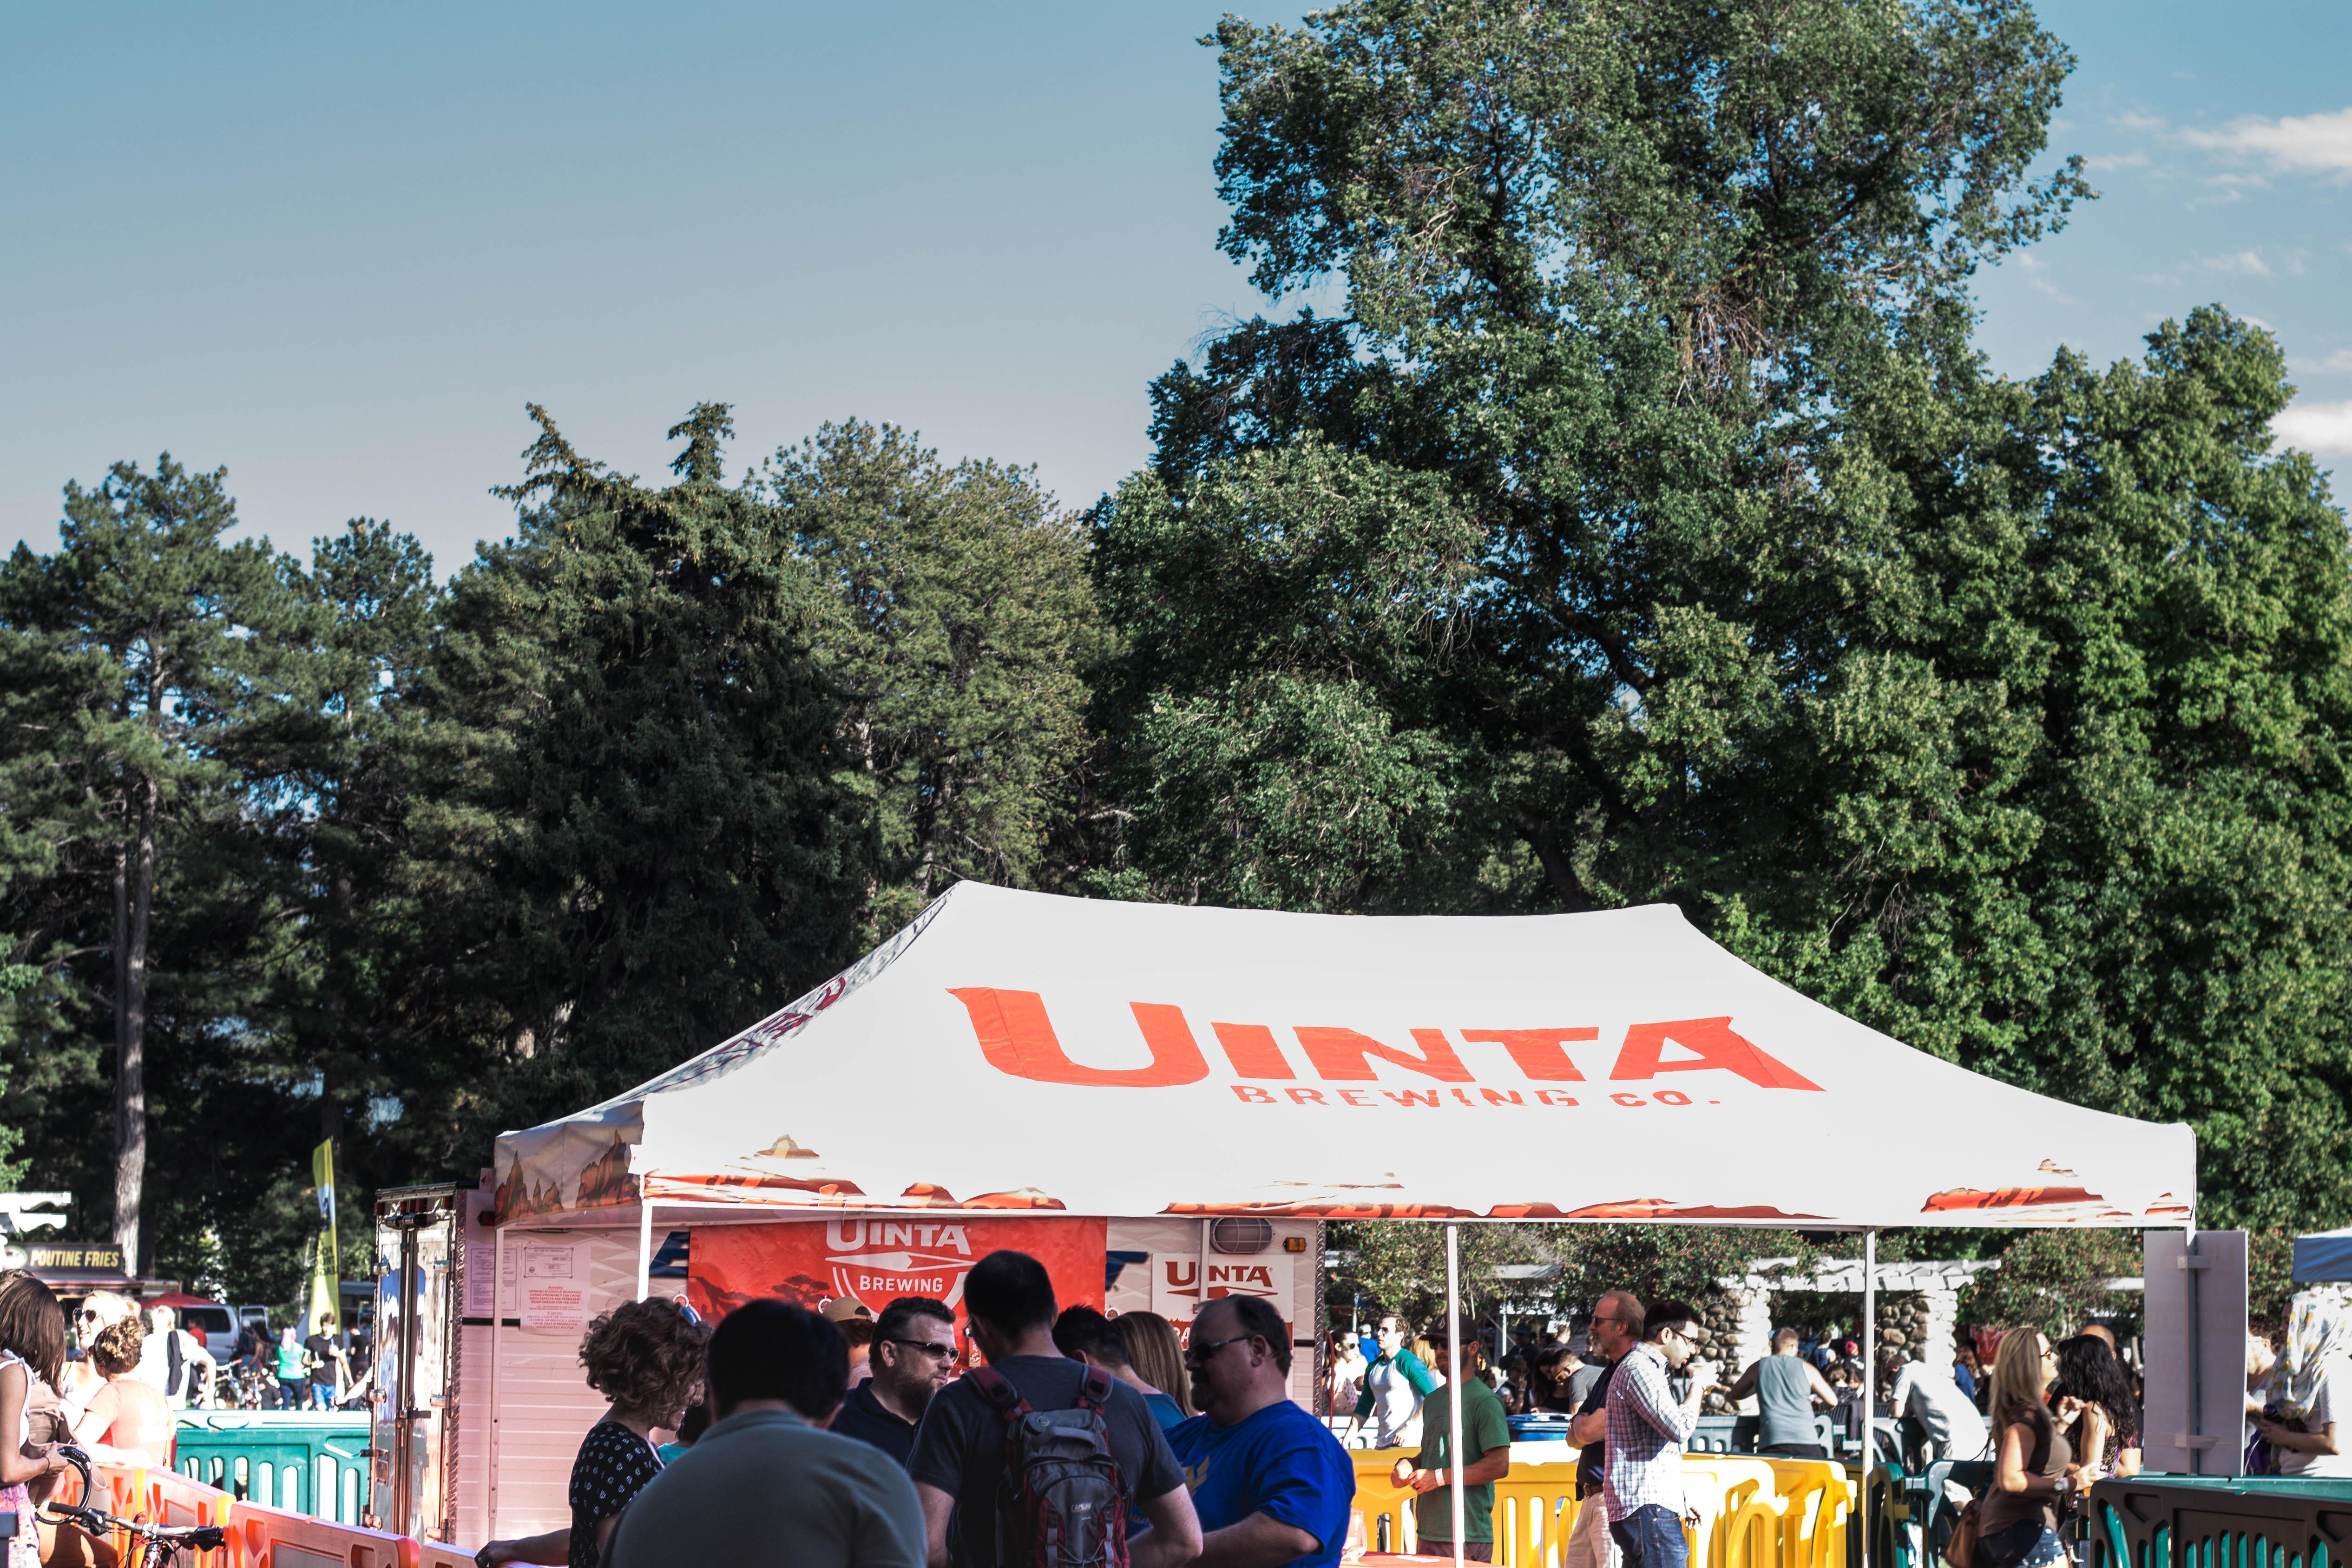 Utah food truck face off beer tent